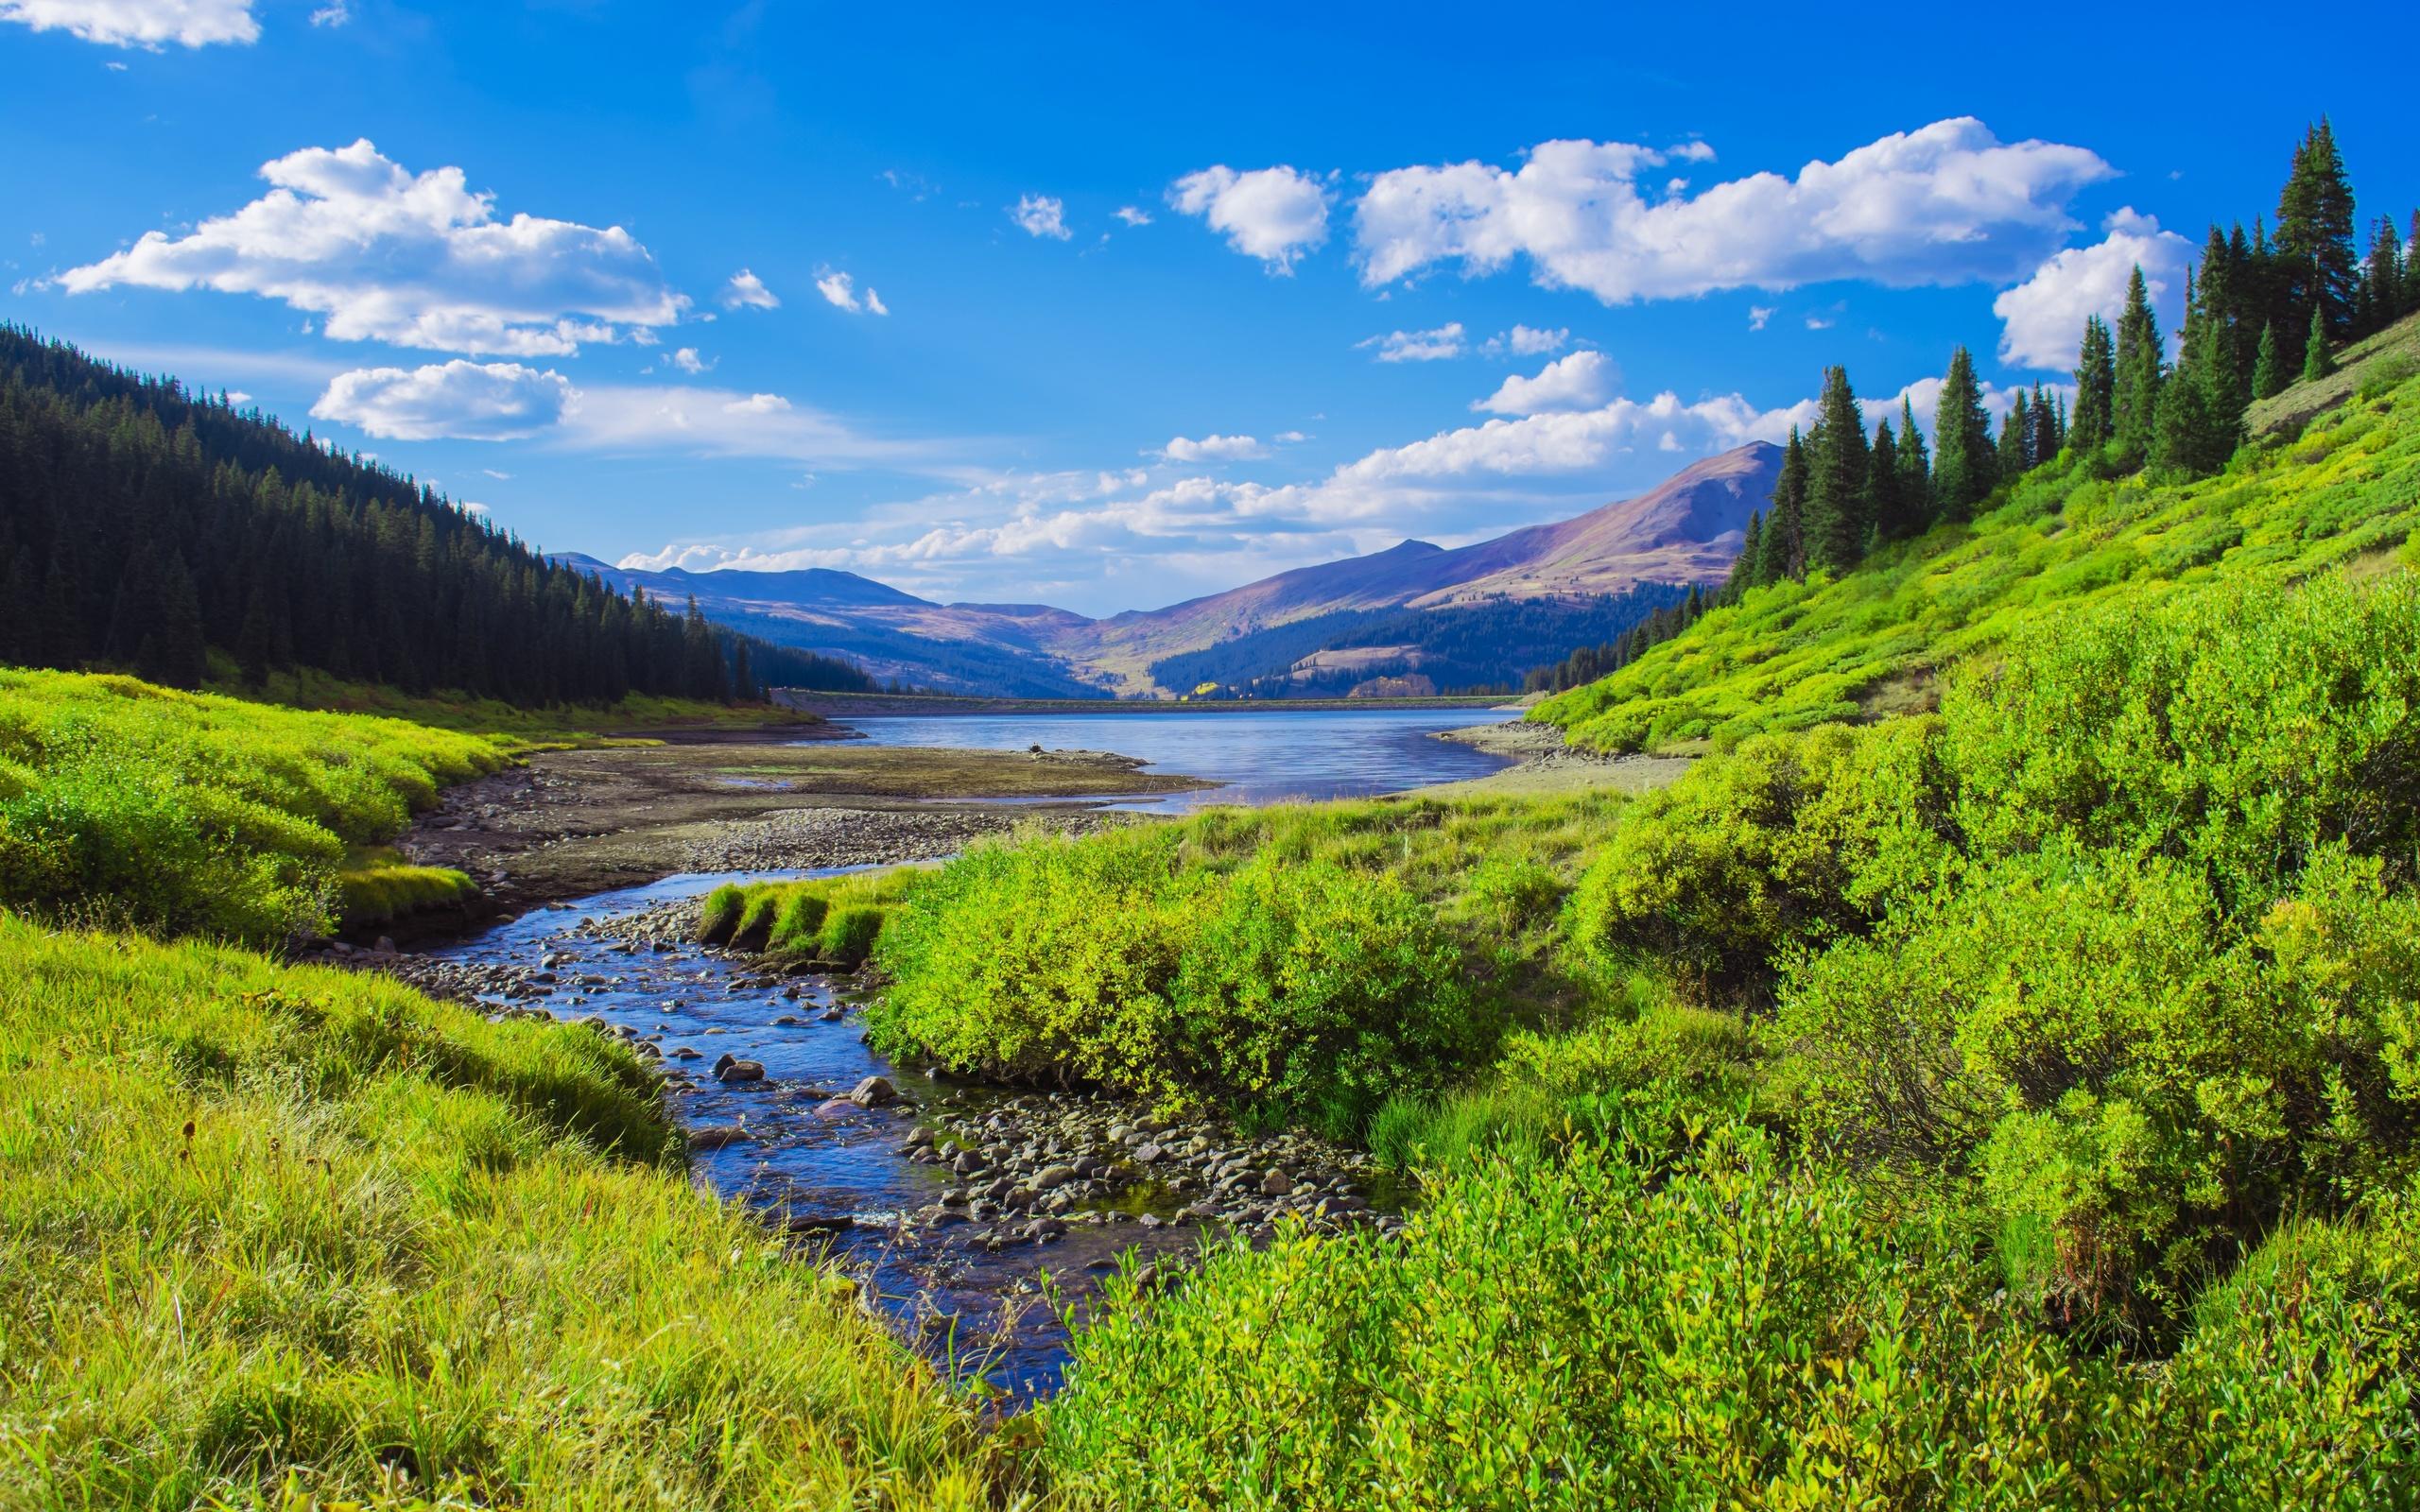 озеро, горы, лес, пейзаж, небо, rocky mountains, colorado, трава, кусты, природа